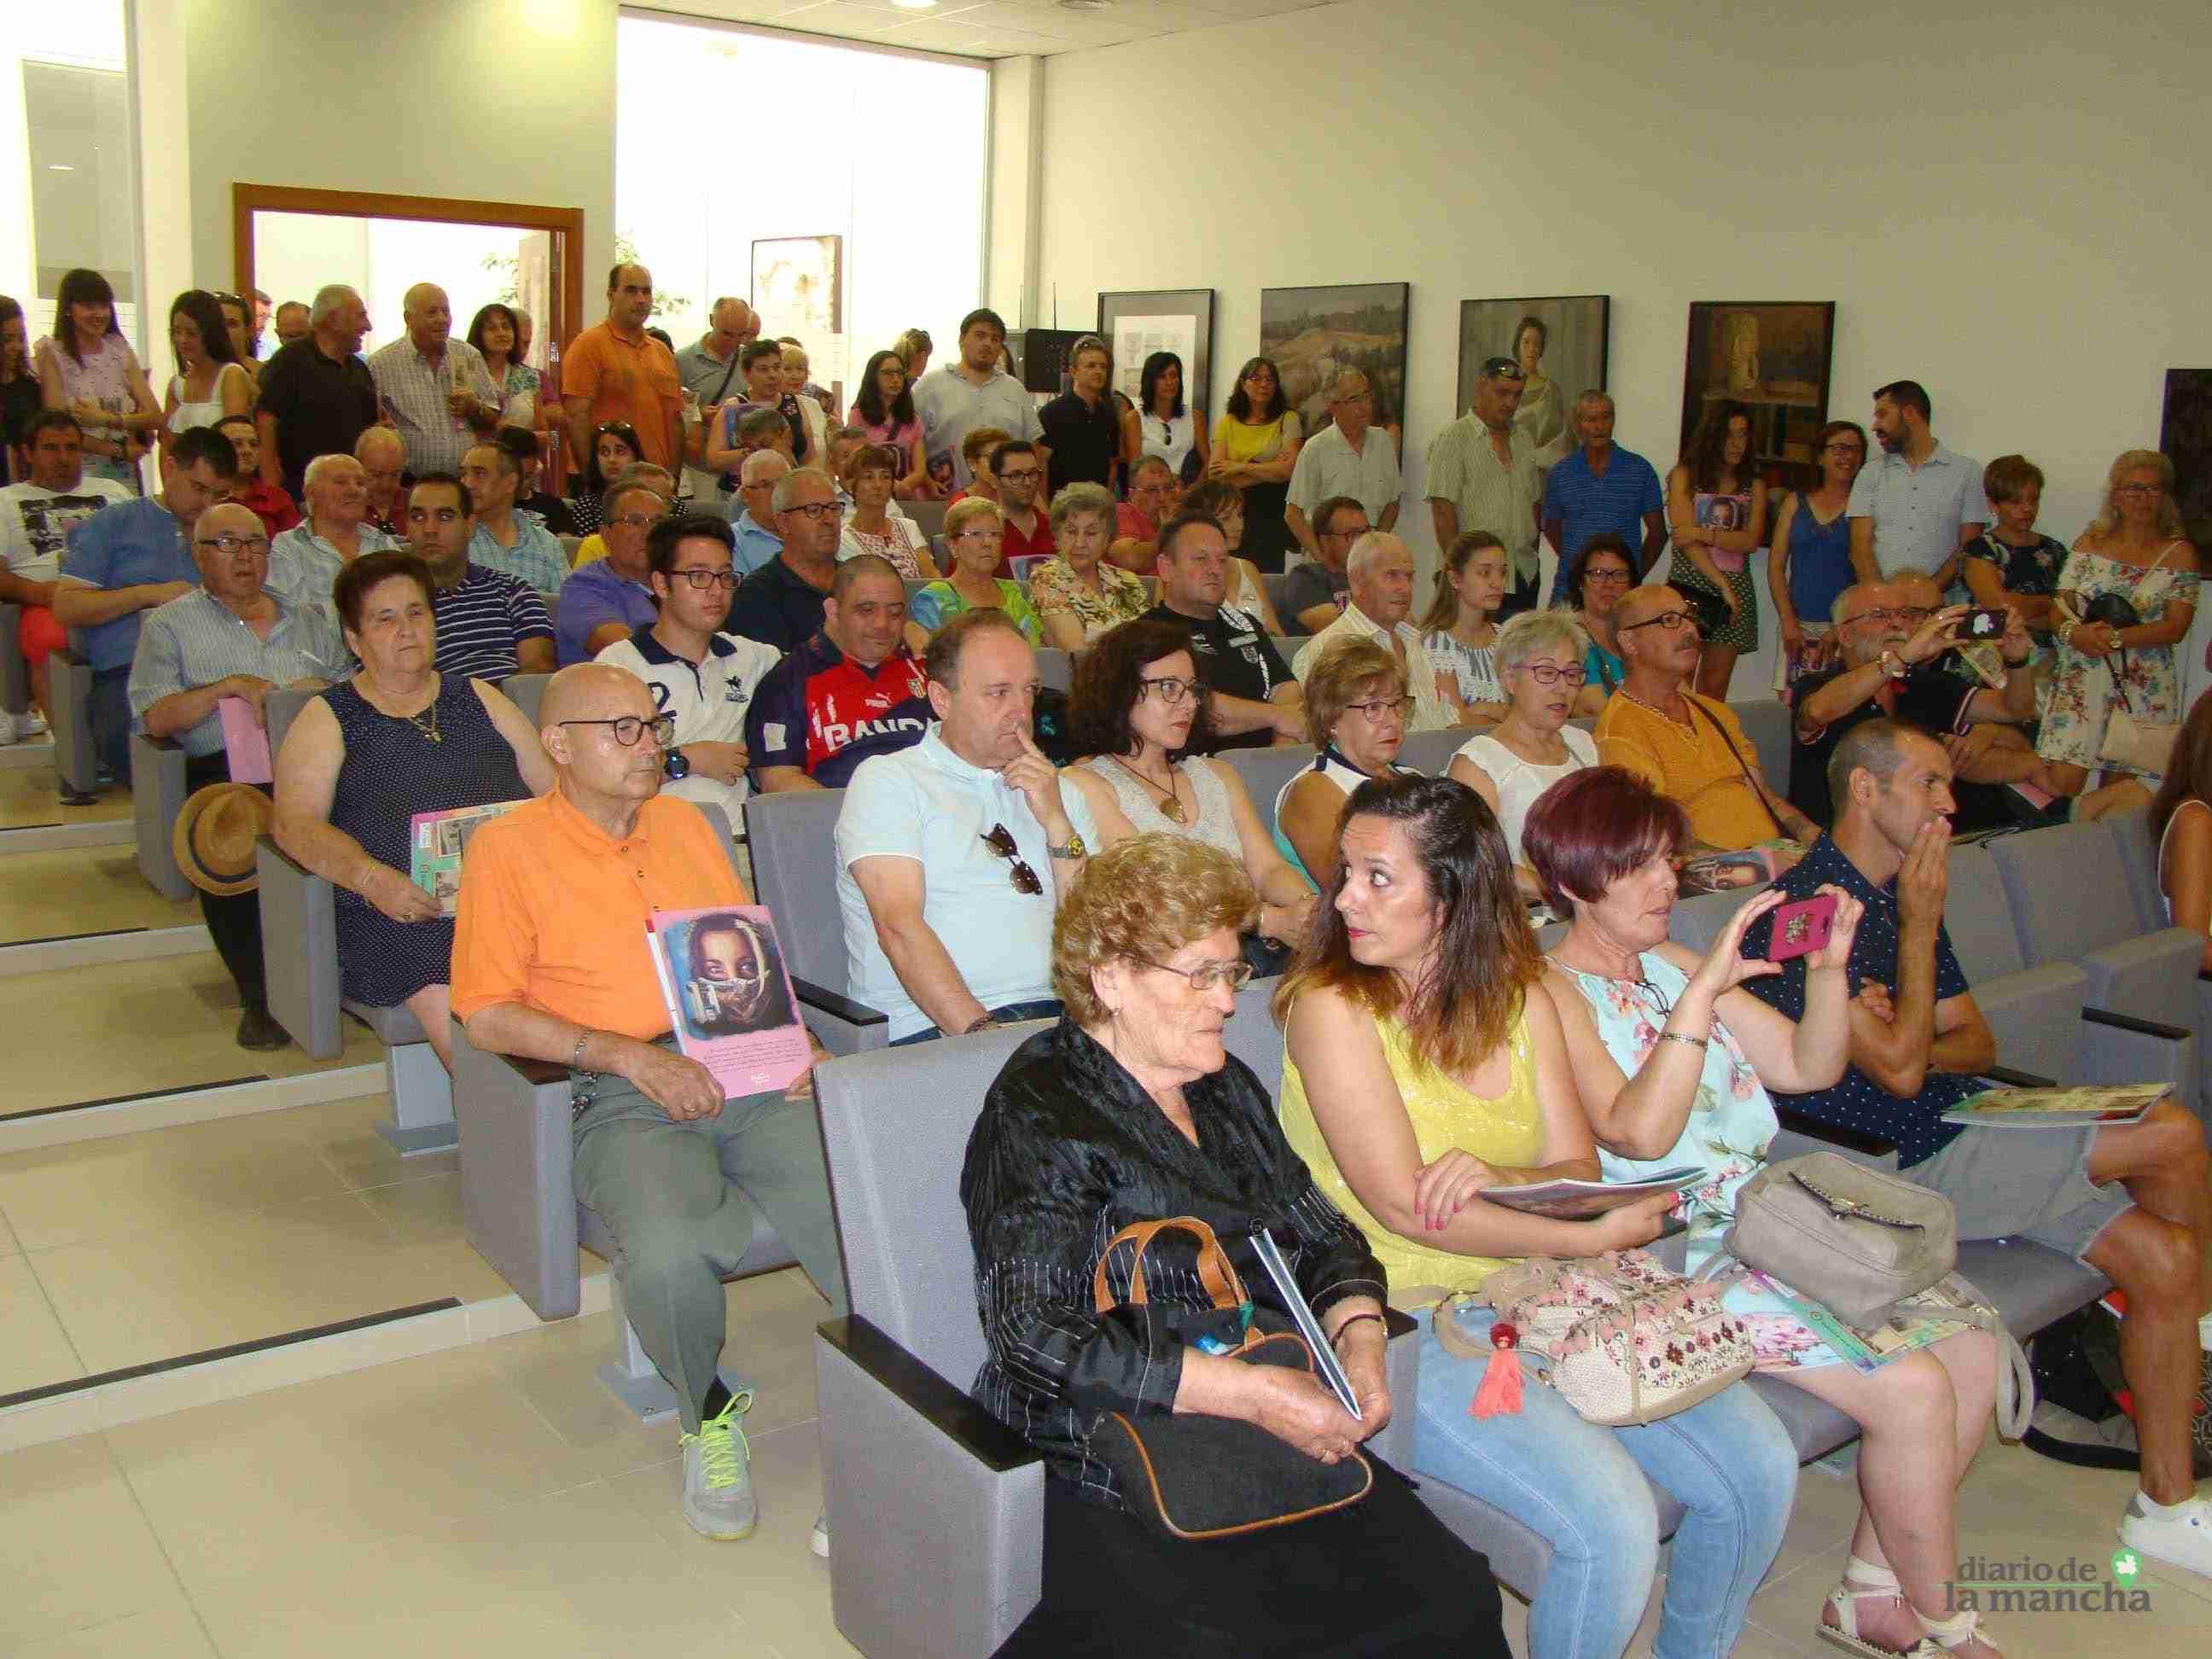 Quintanar contará con una Feria y Fiestas con actividades para todos los públicos 18